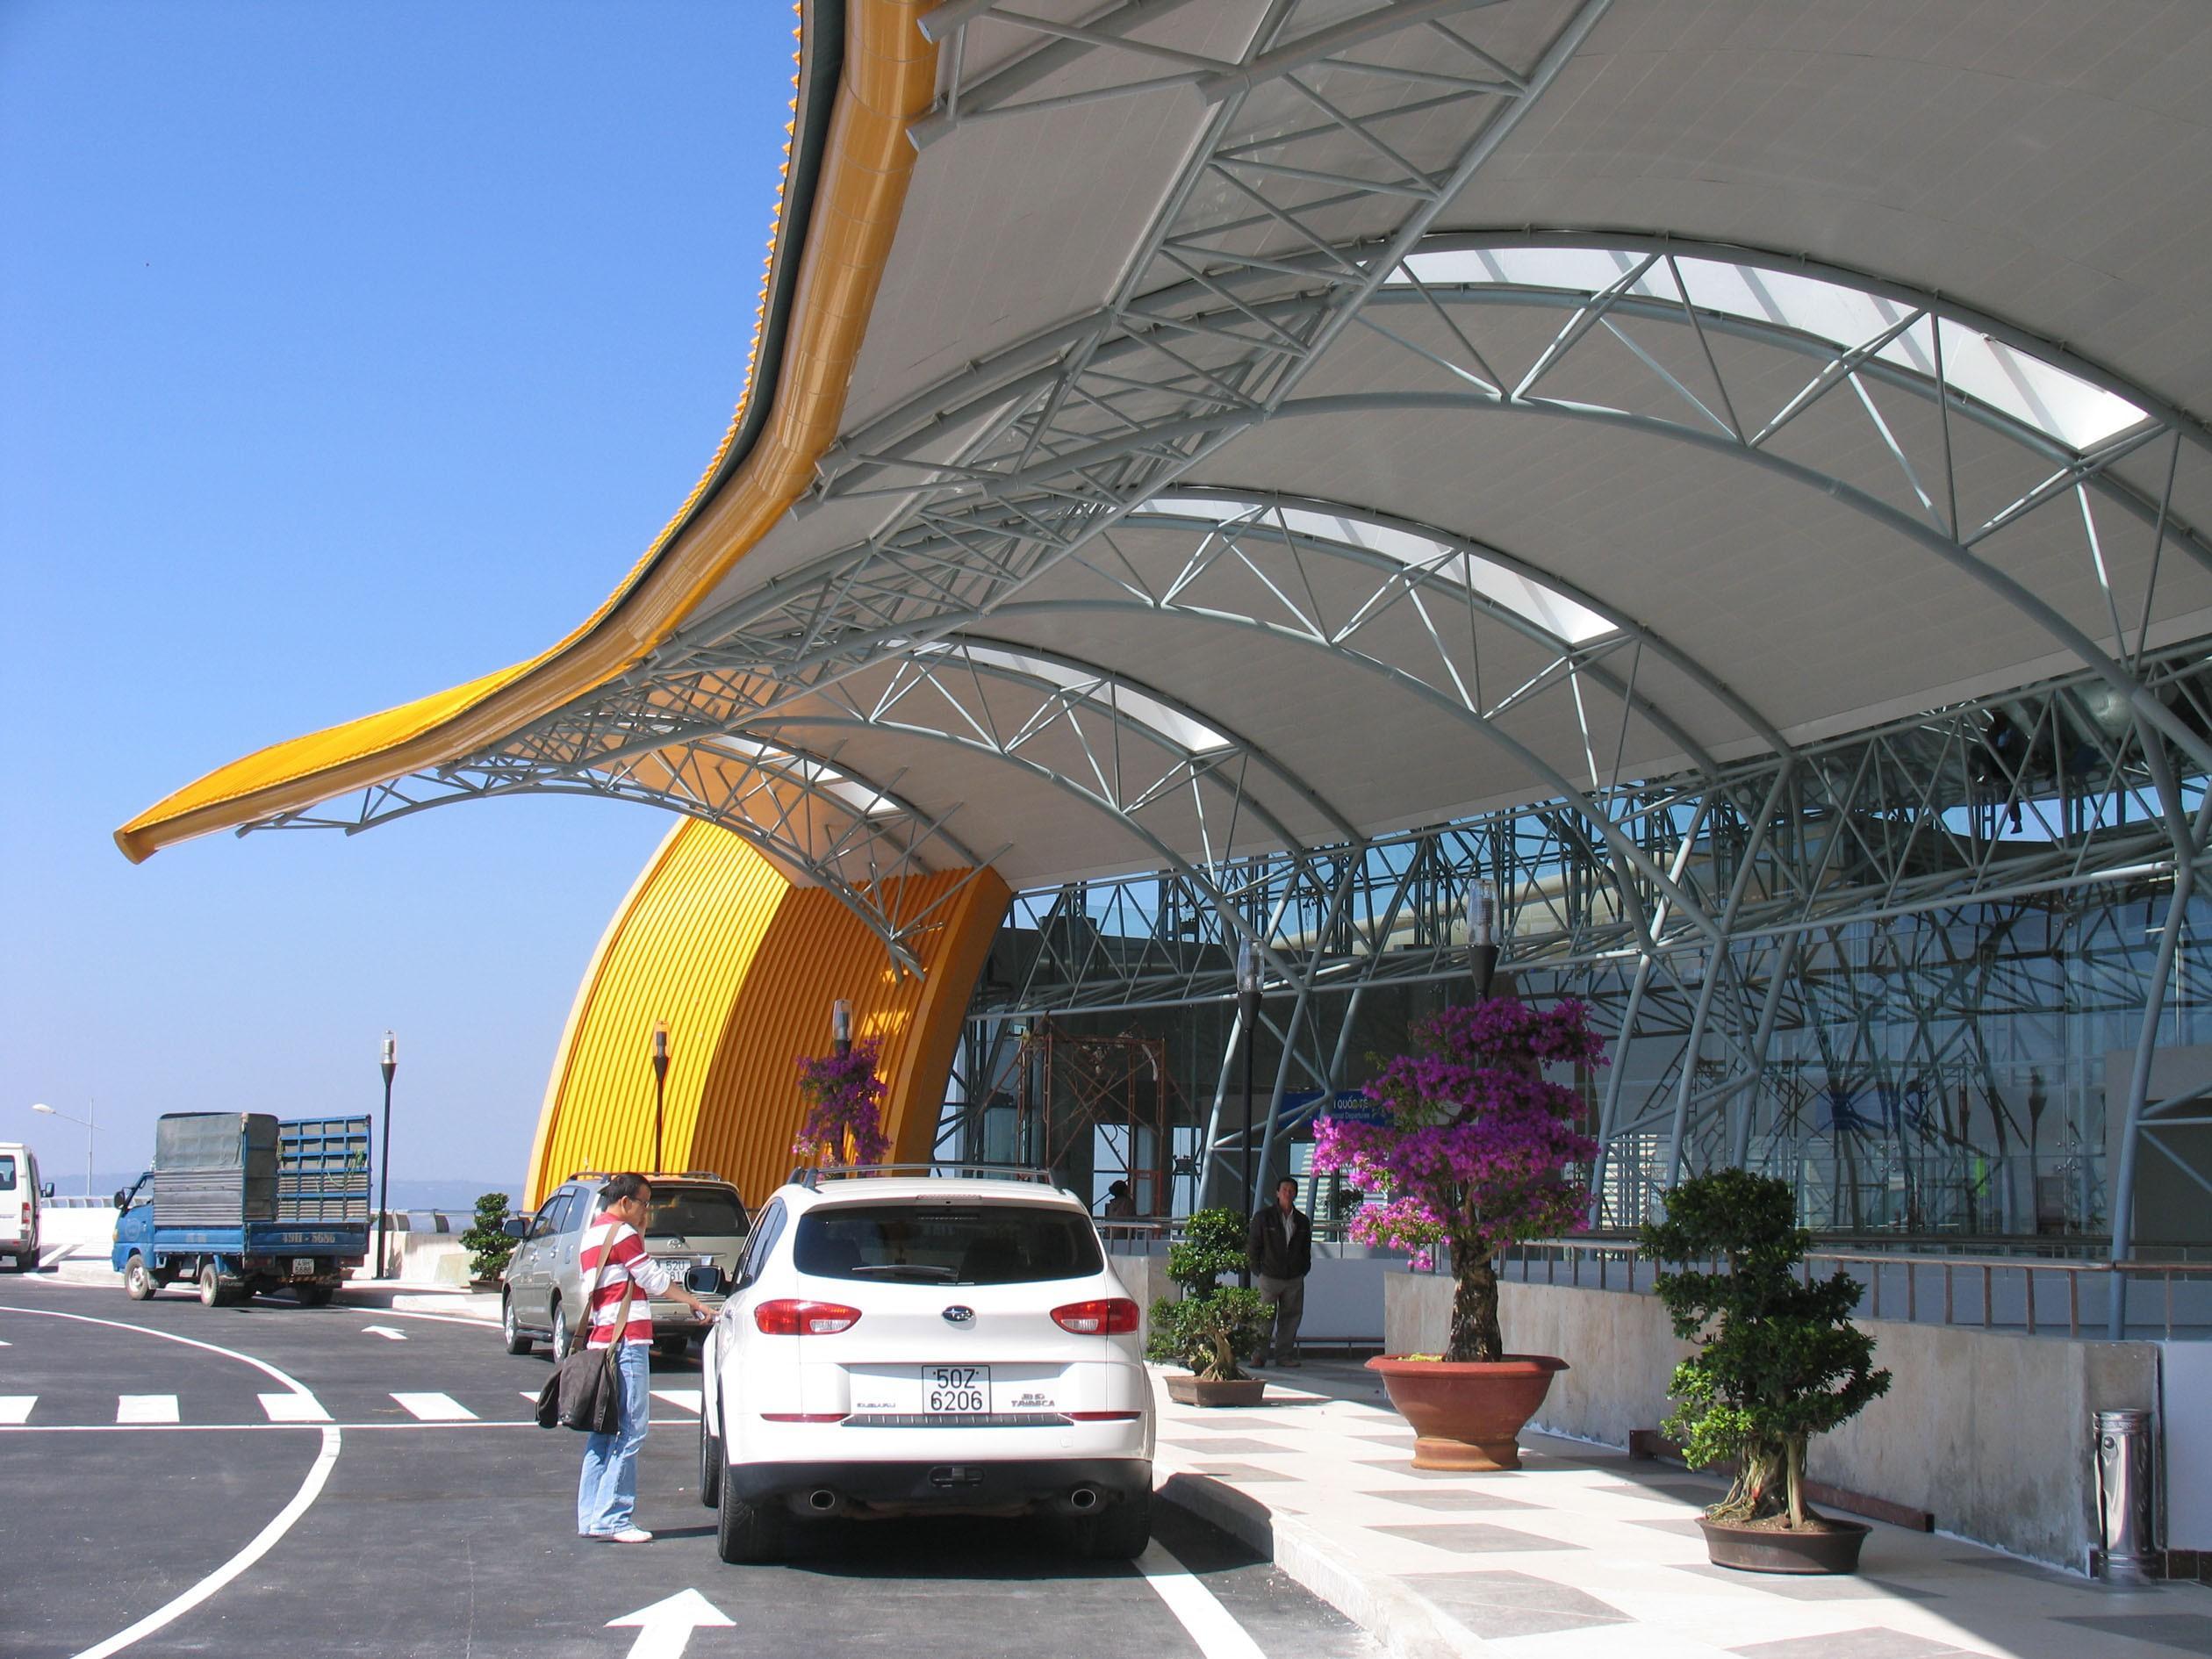 Hôm nay chuyến bay cuối cùng Đà Lạt – Incheon Hàn Quốc cất cánh Ảnh 1